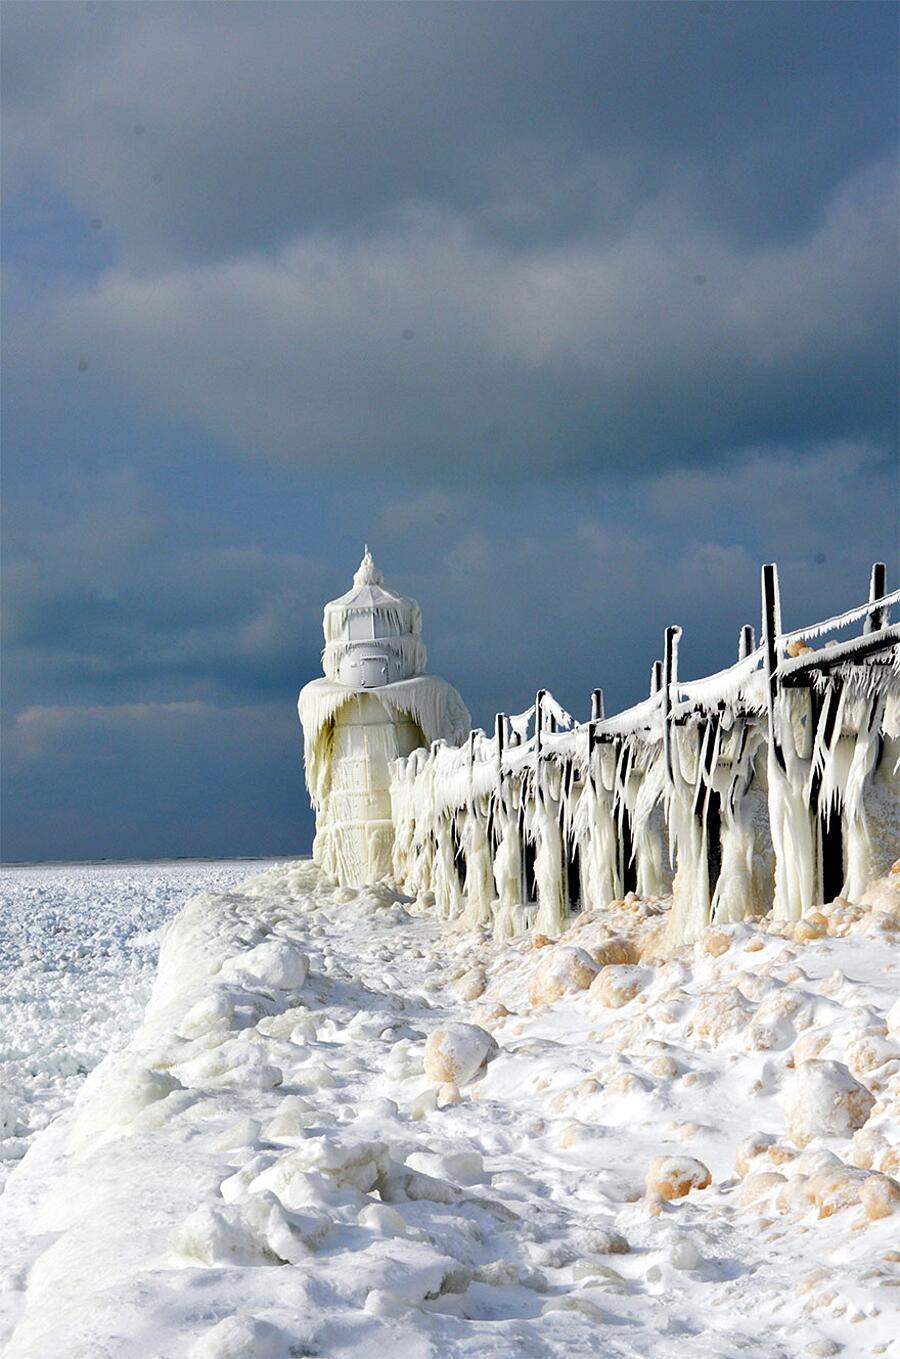 Lago Michigan Ghiaccio Frantumato Stati Uniti